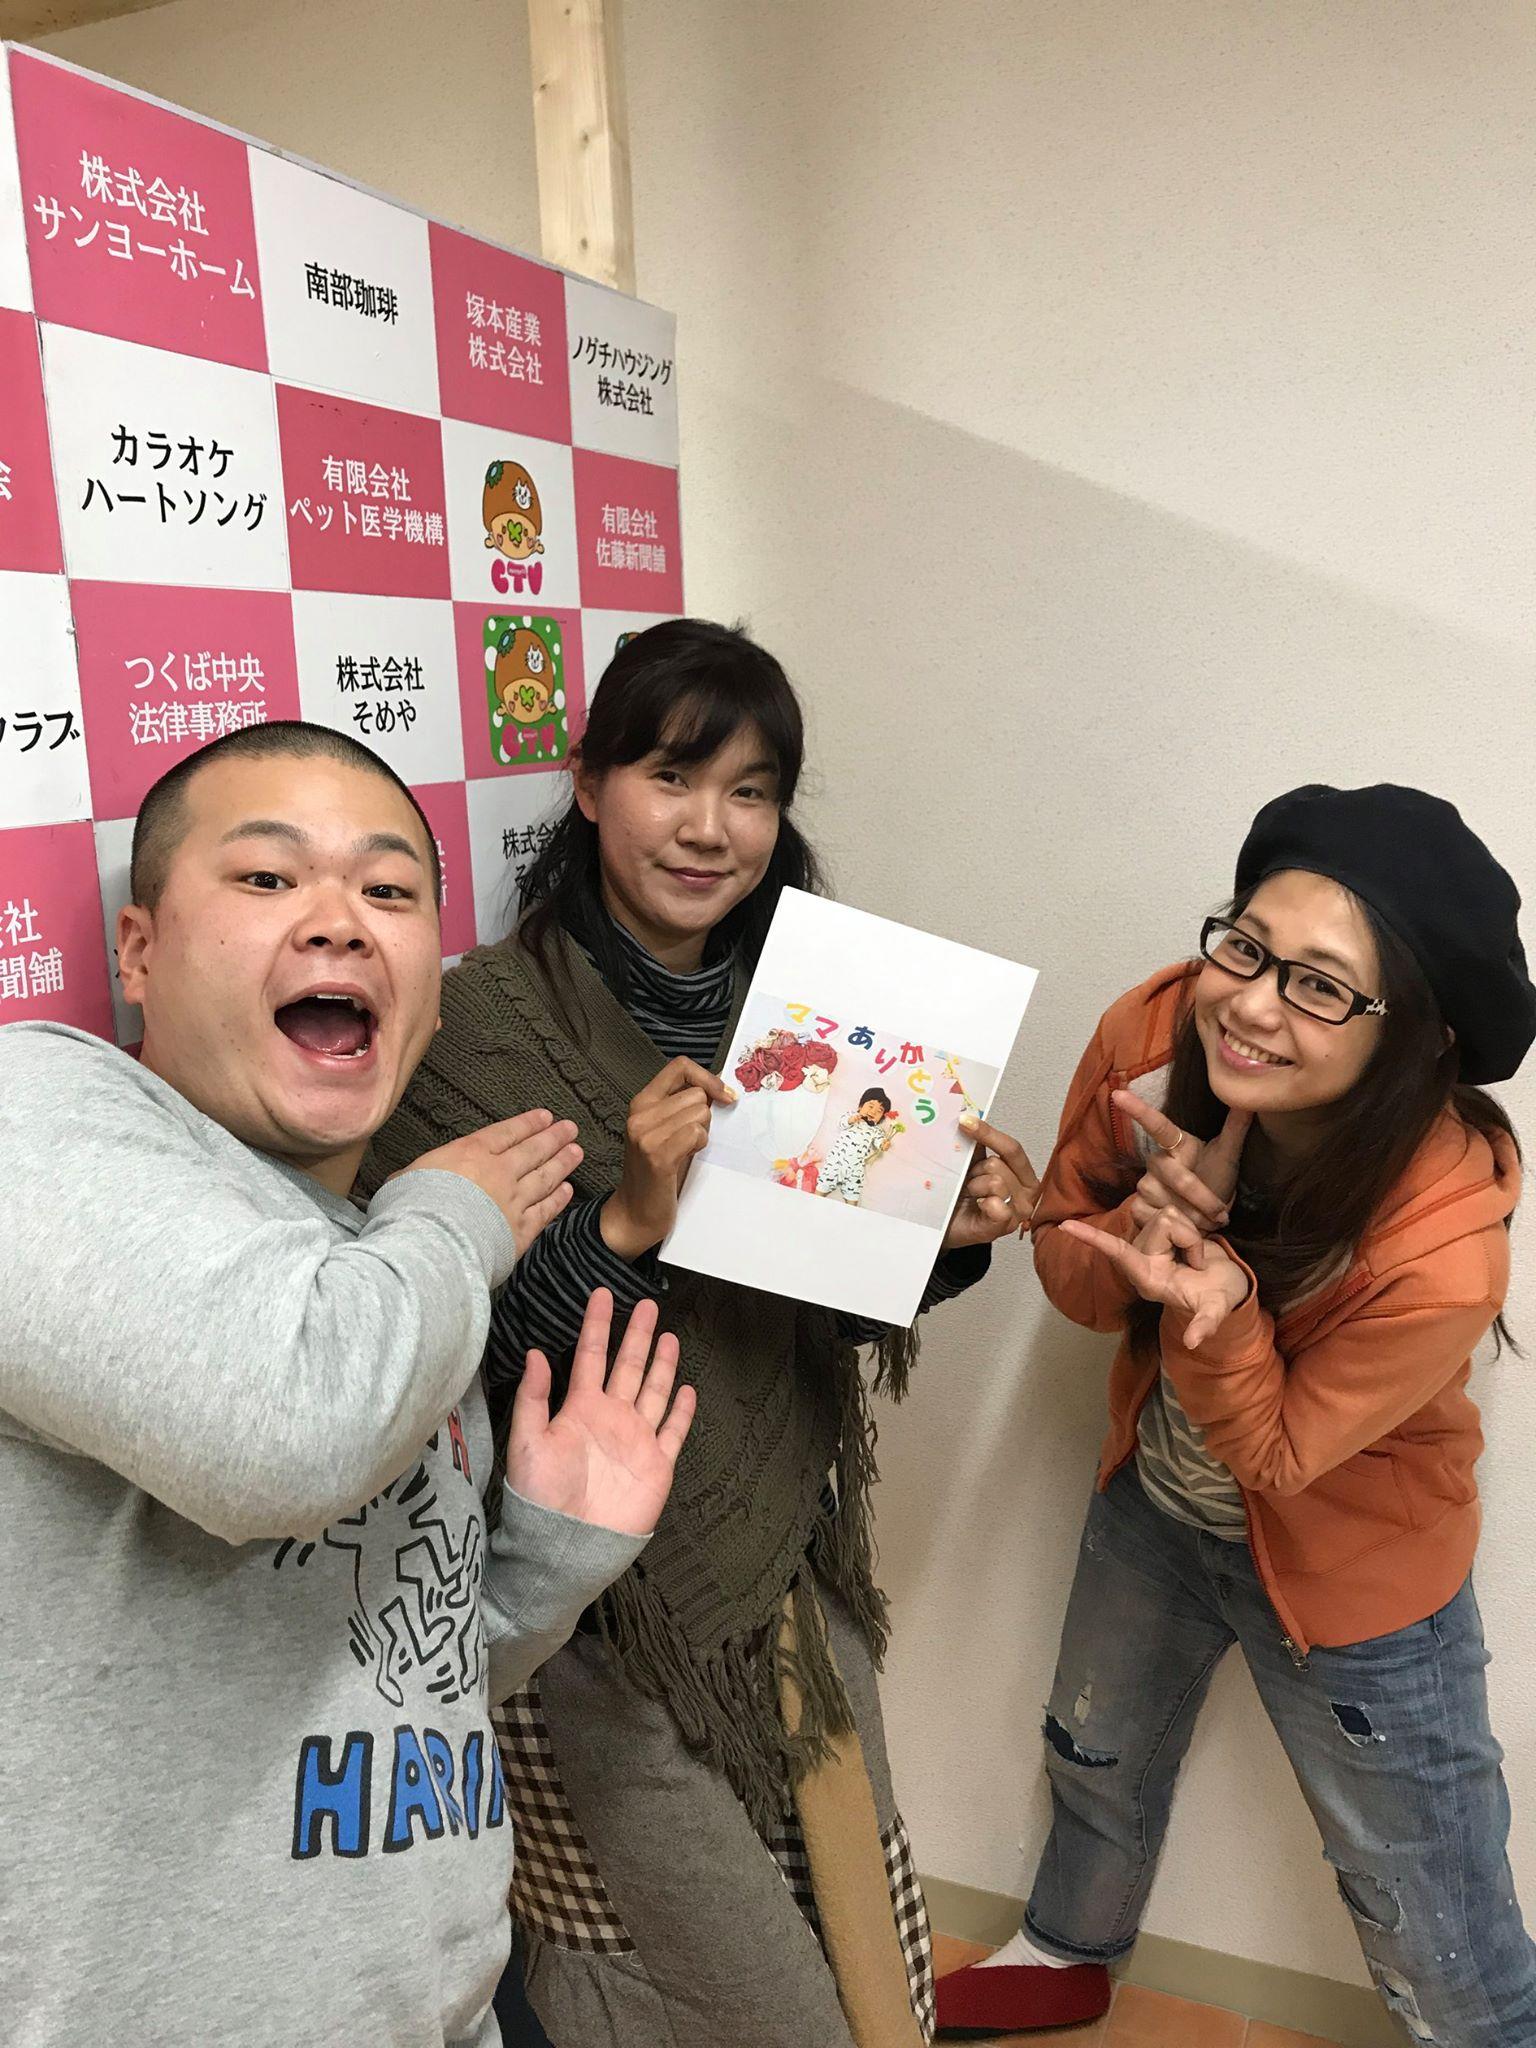 [2017/04/26] ♡夕暮れモーモー #13♡ゲスト まゆちゃん